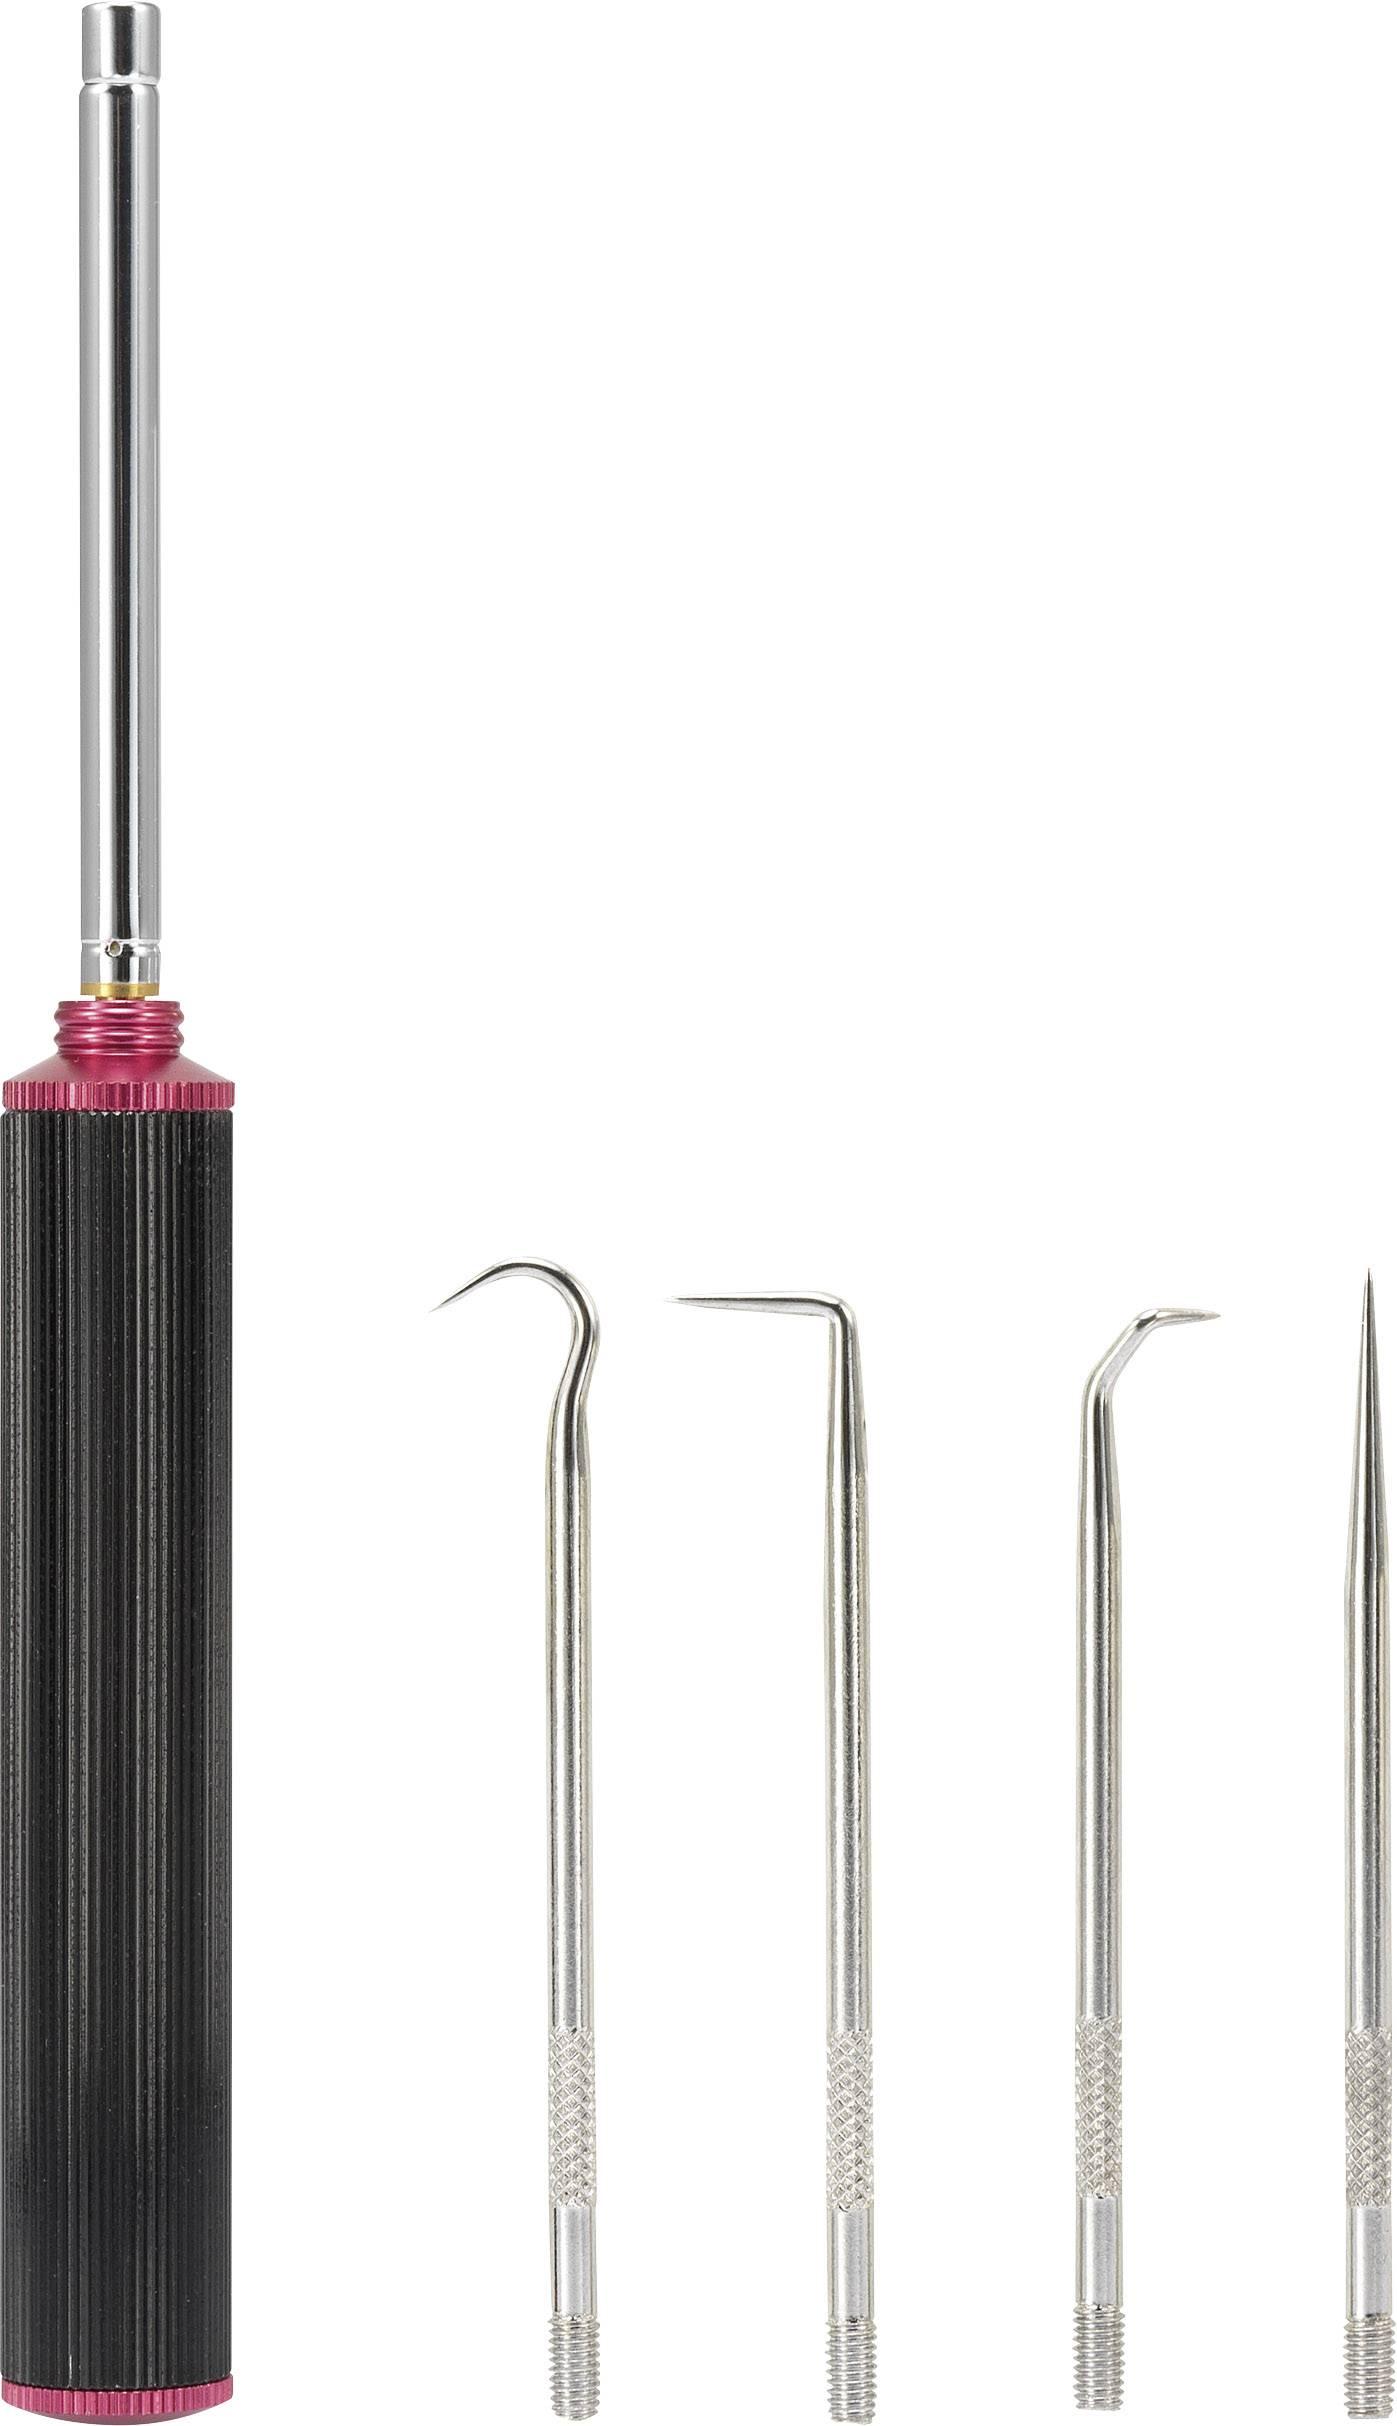 Magnetický zdvihák, TOOLCRAFT, 5 hákov v 1 sade